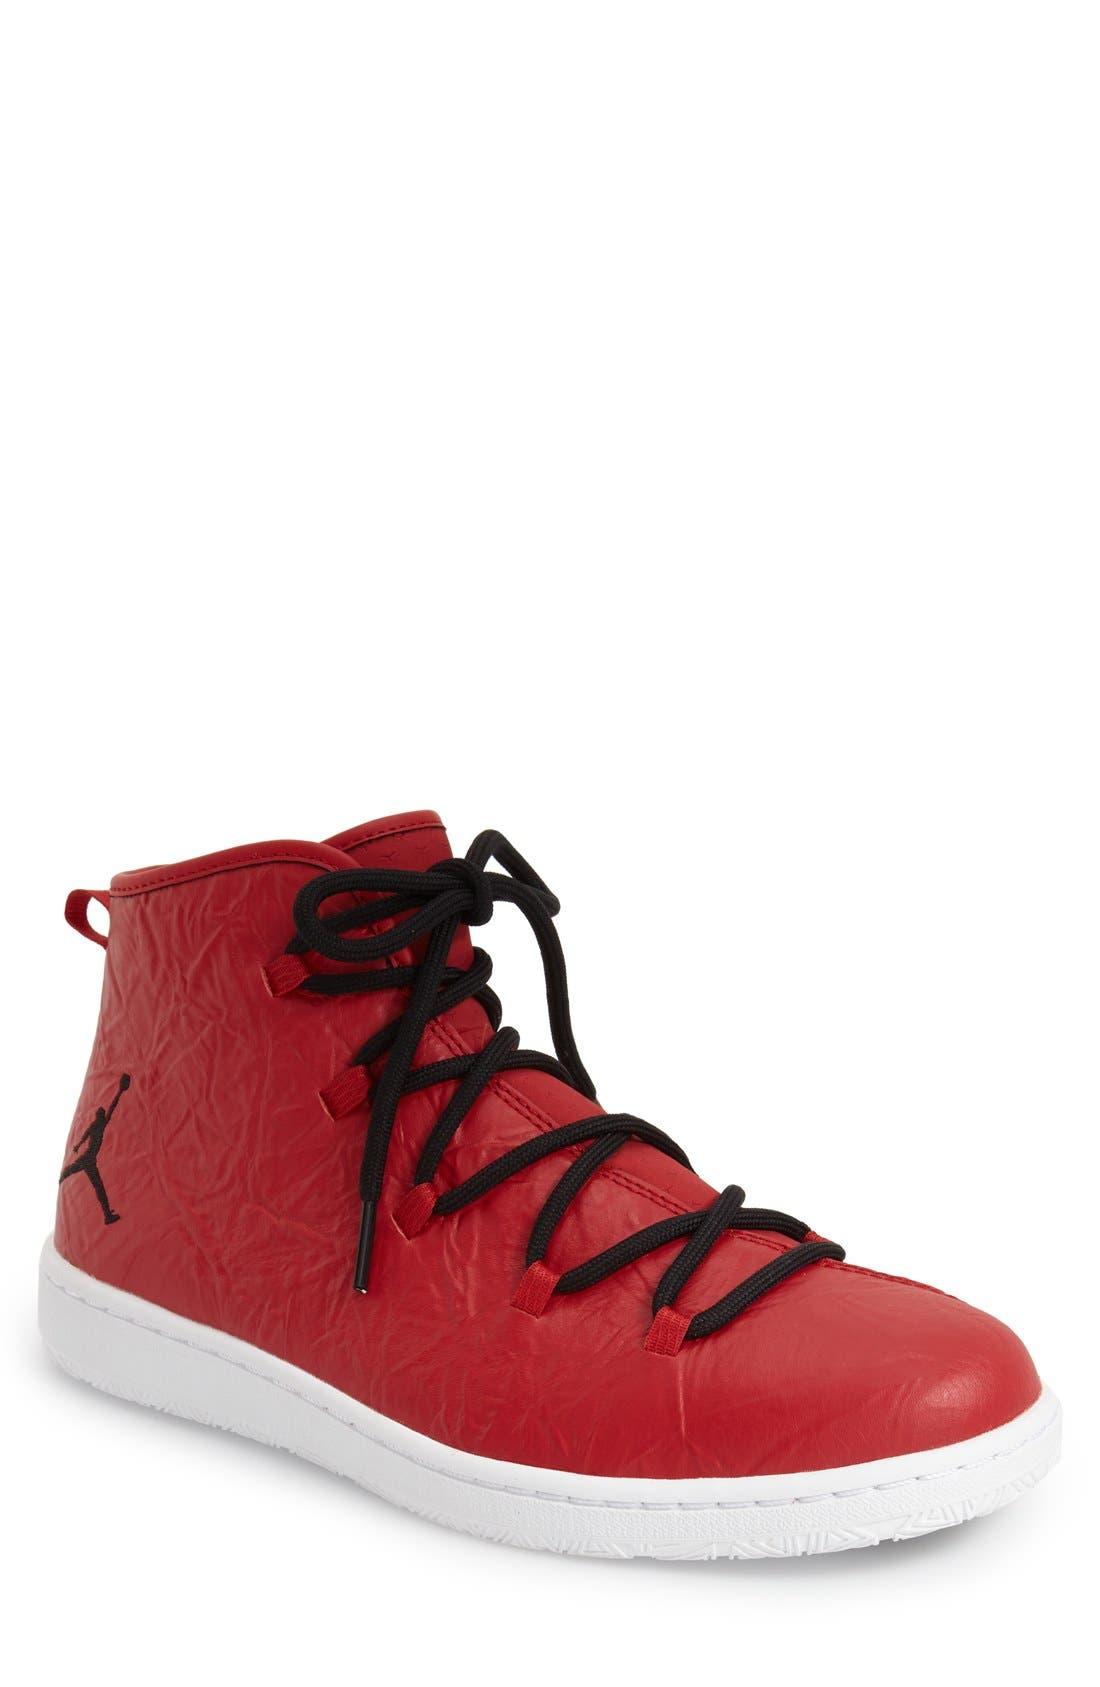 Alternate Image 1 Selected - Nike' Jordan Galaxy' Sneaker (Men)